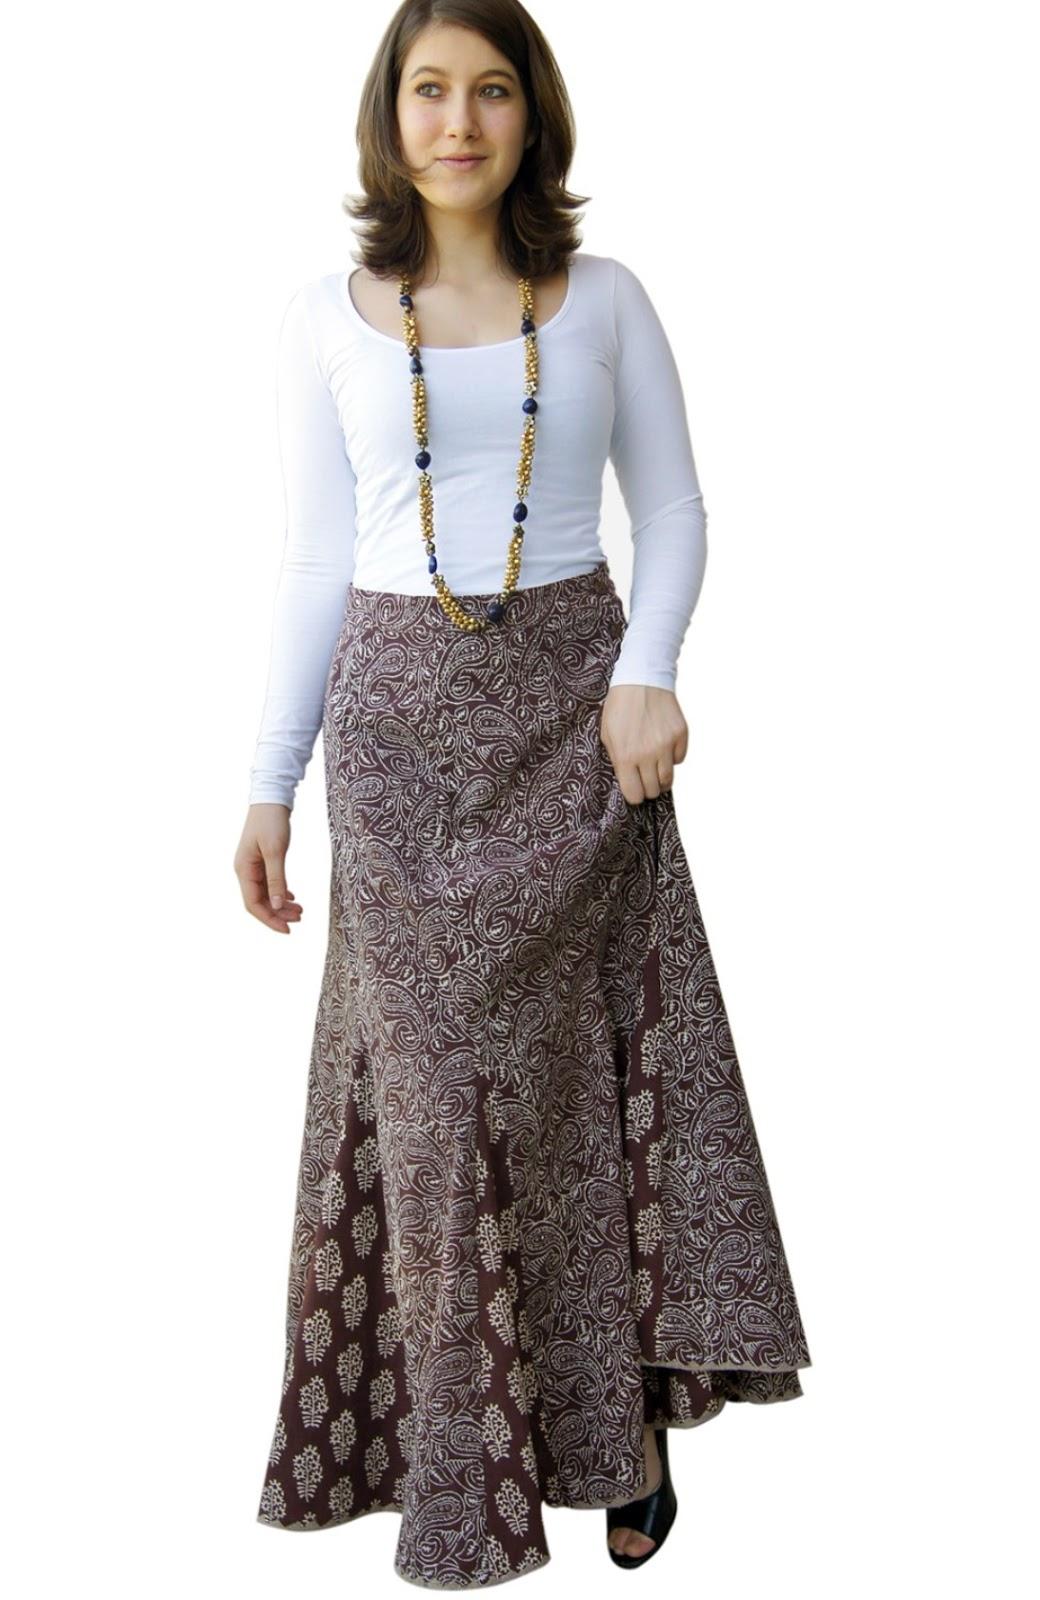 Baju Gamis Terbaru Model Busana Muslim Pesta Online 2015